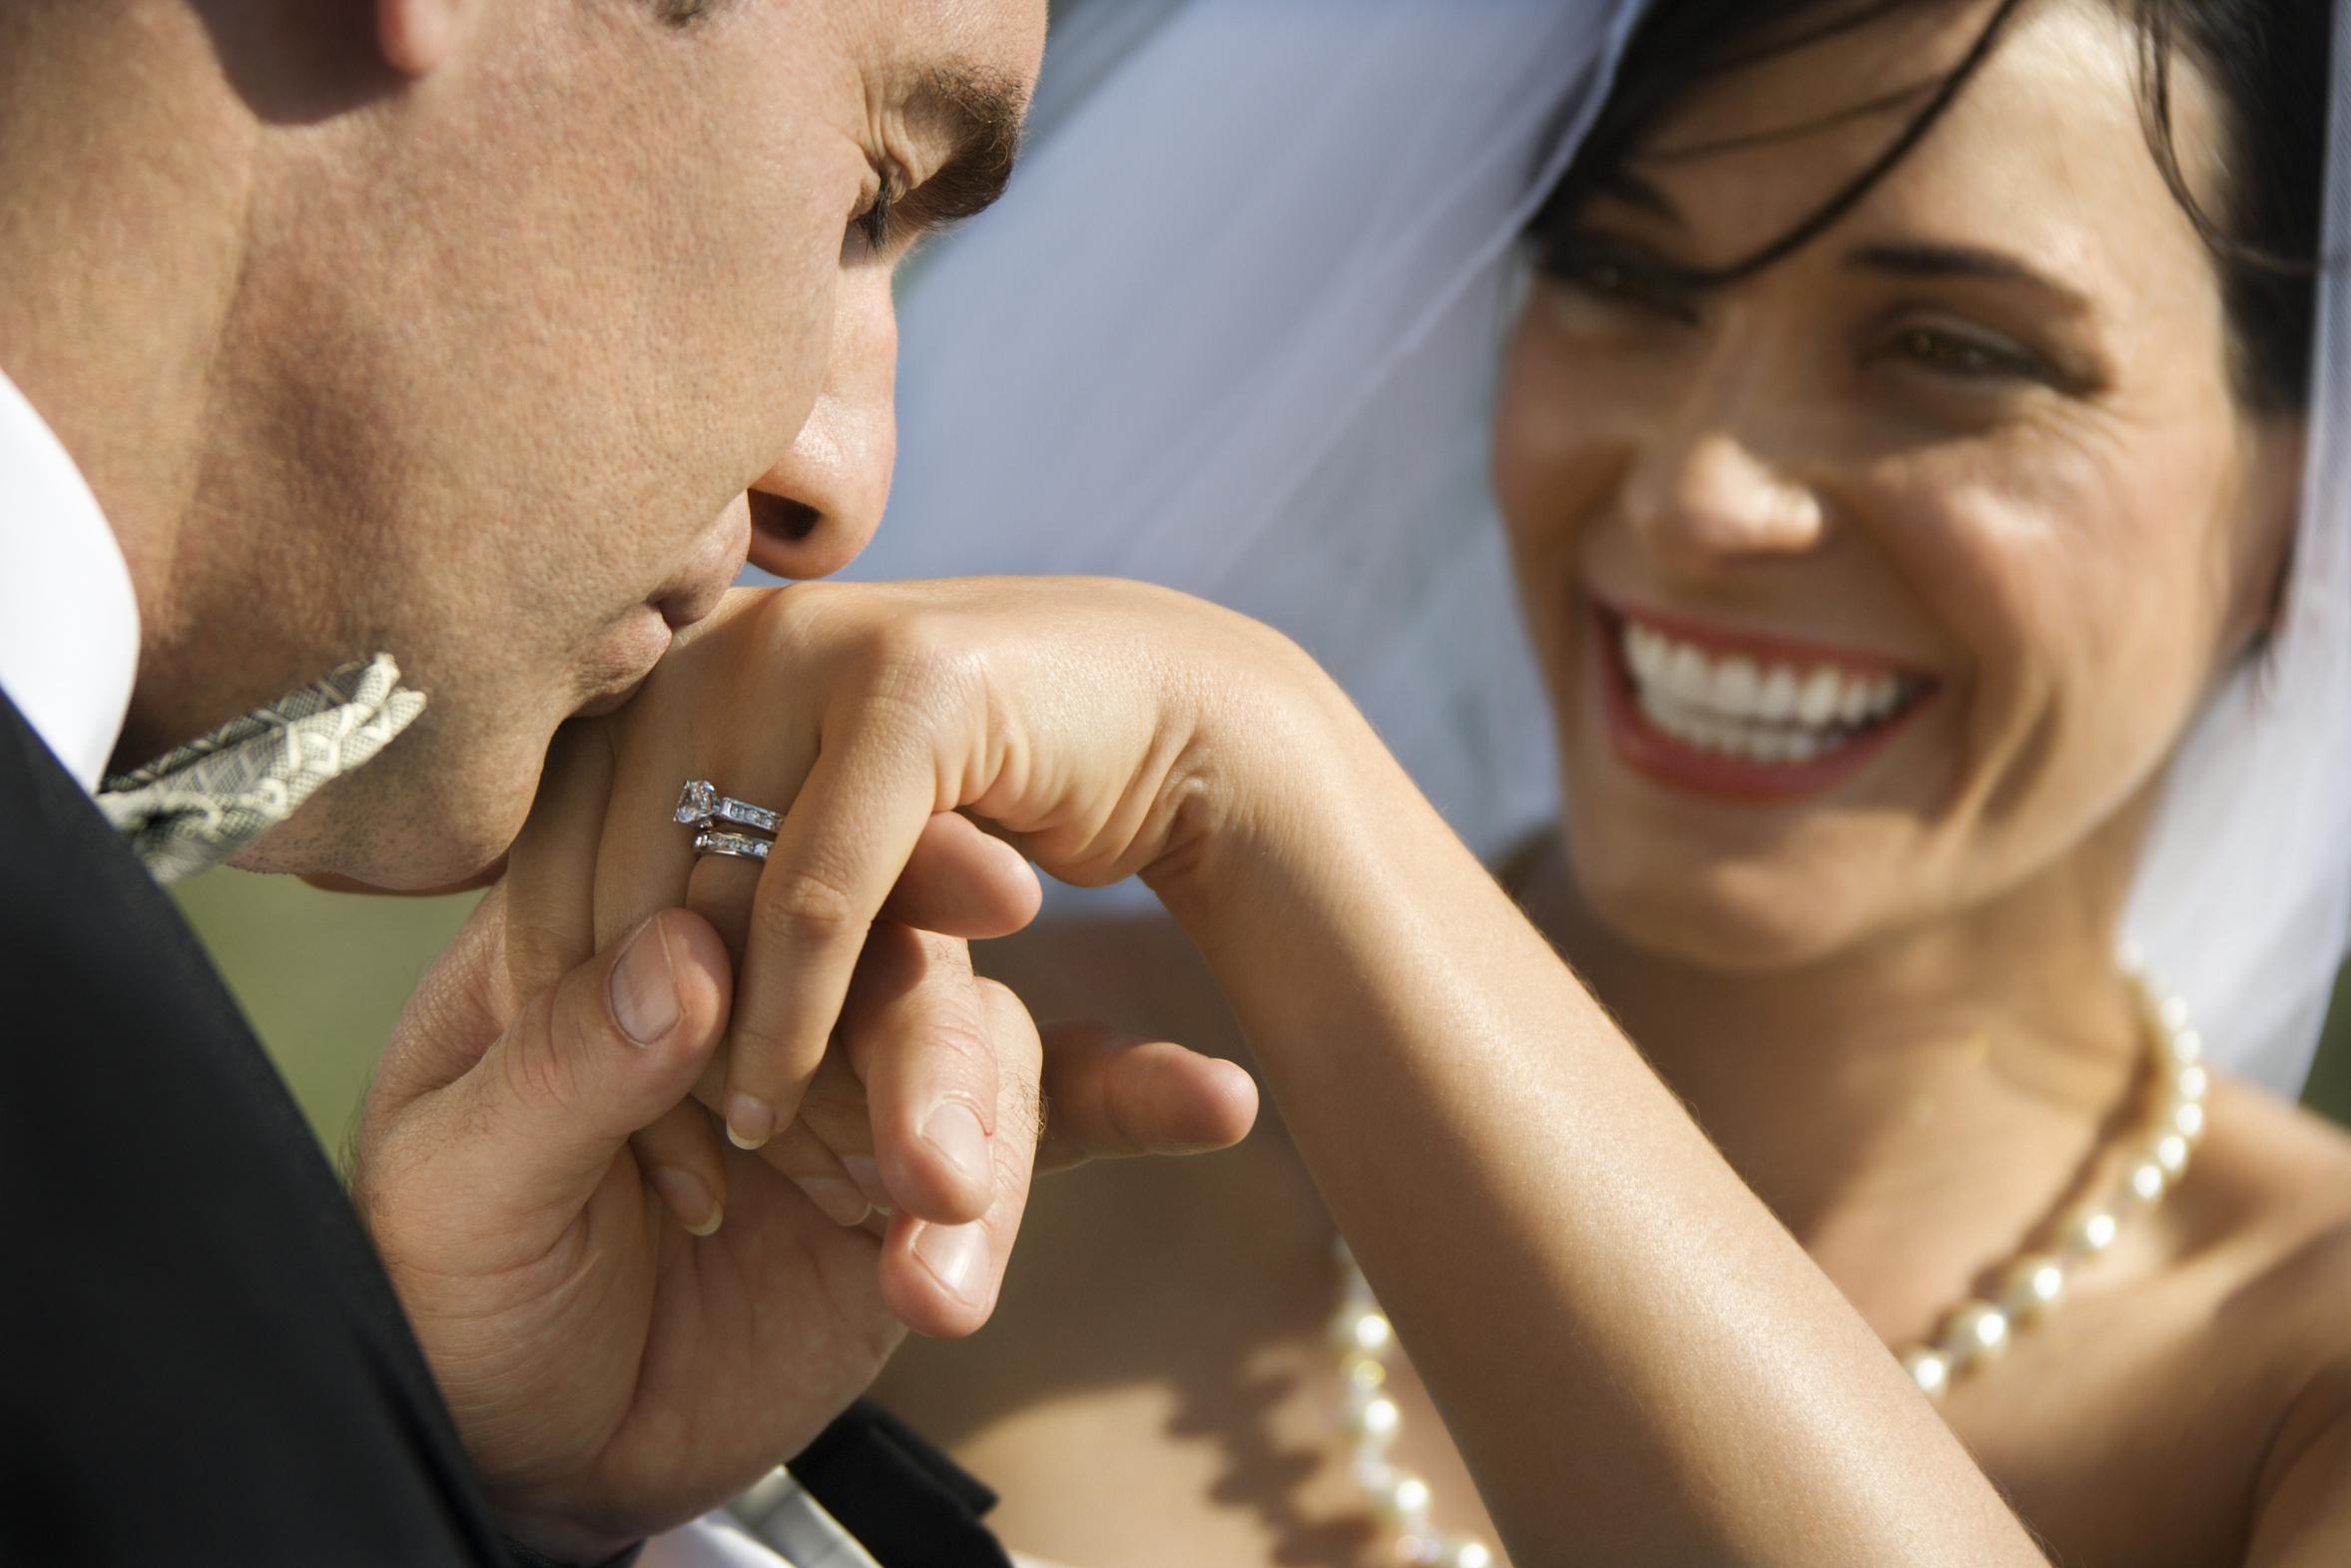 Matrimonio misto: cos'è e come funziona